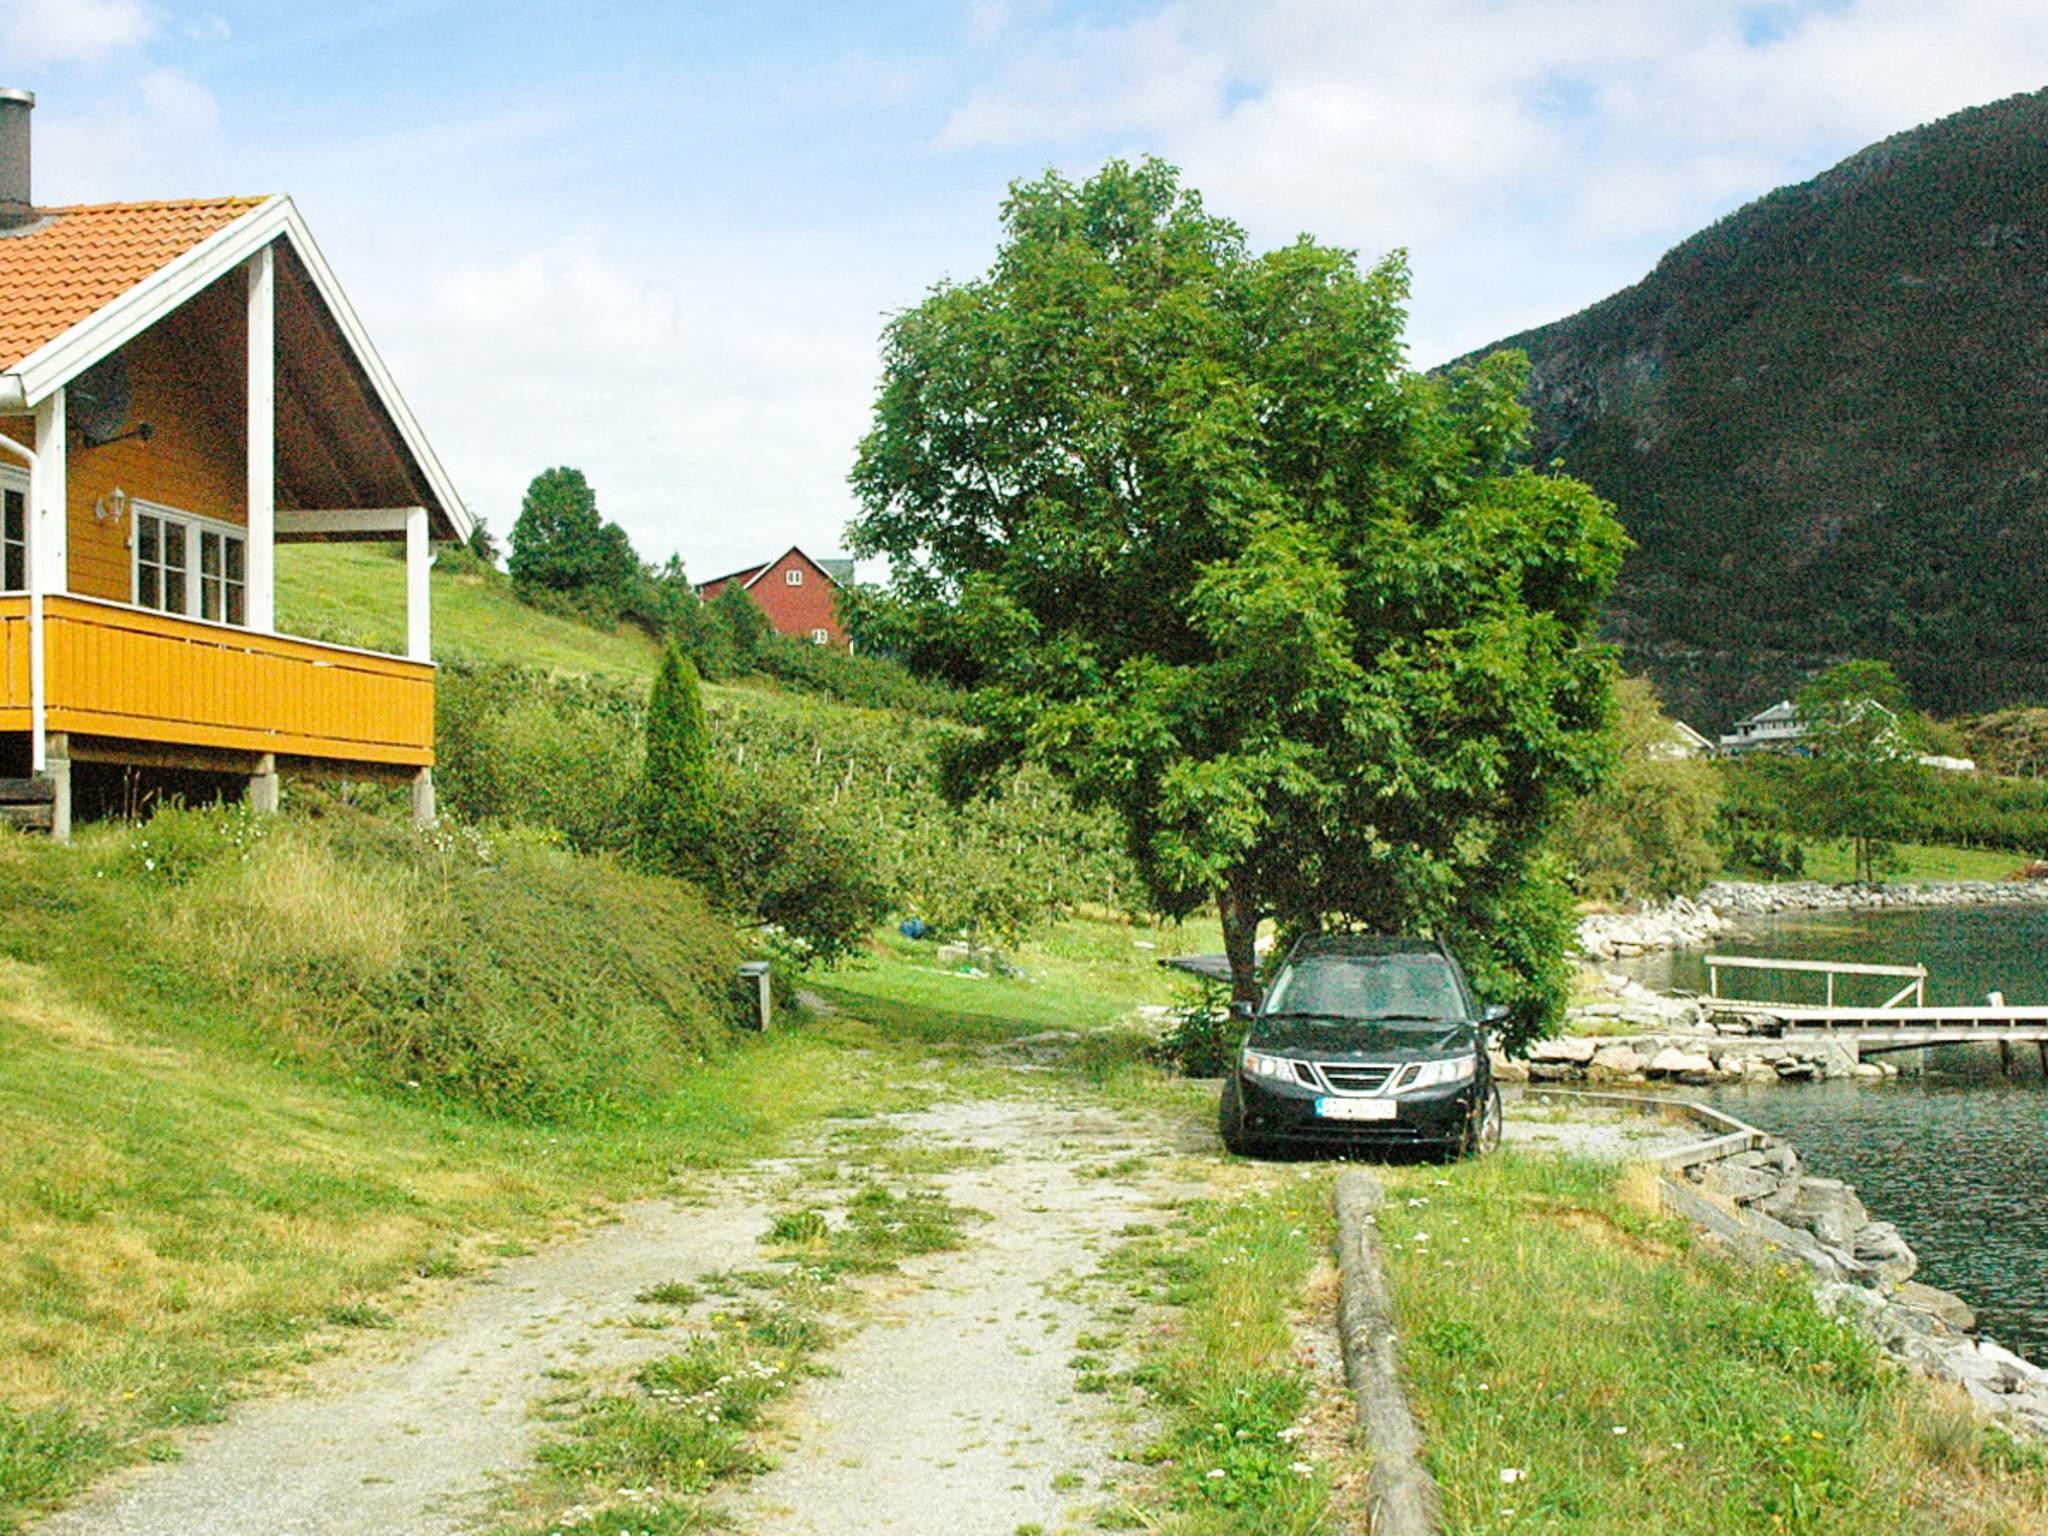 Ferienhaus Slinde (82397), Slinde, Sognefjord - Nordfjord, Westnorwegen, Norwegen, Bild 21